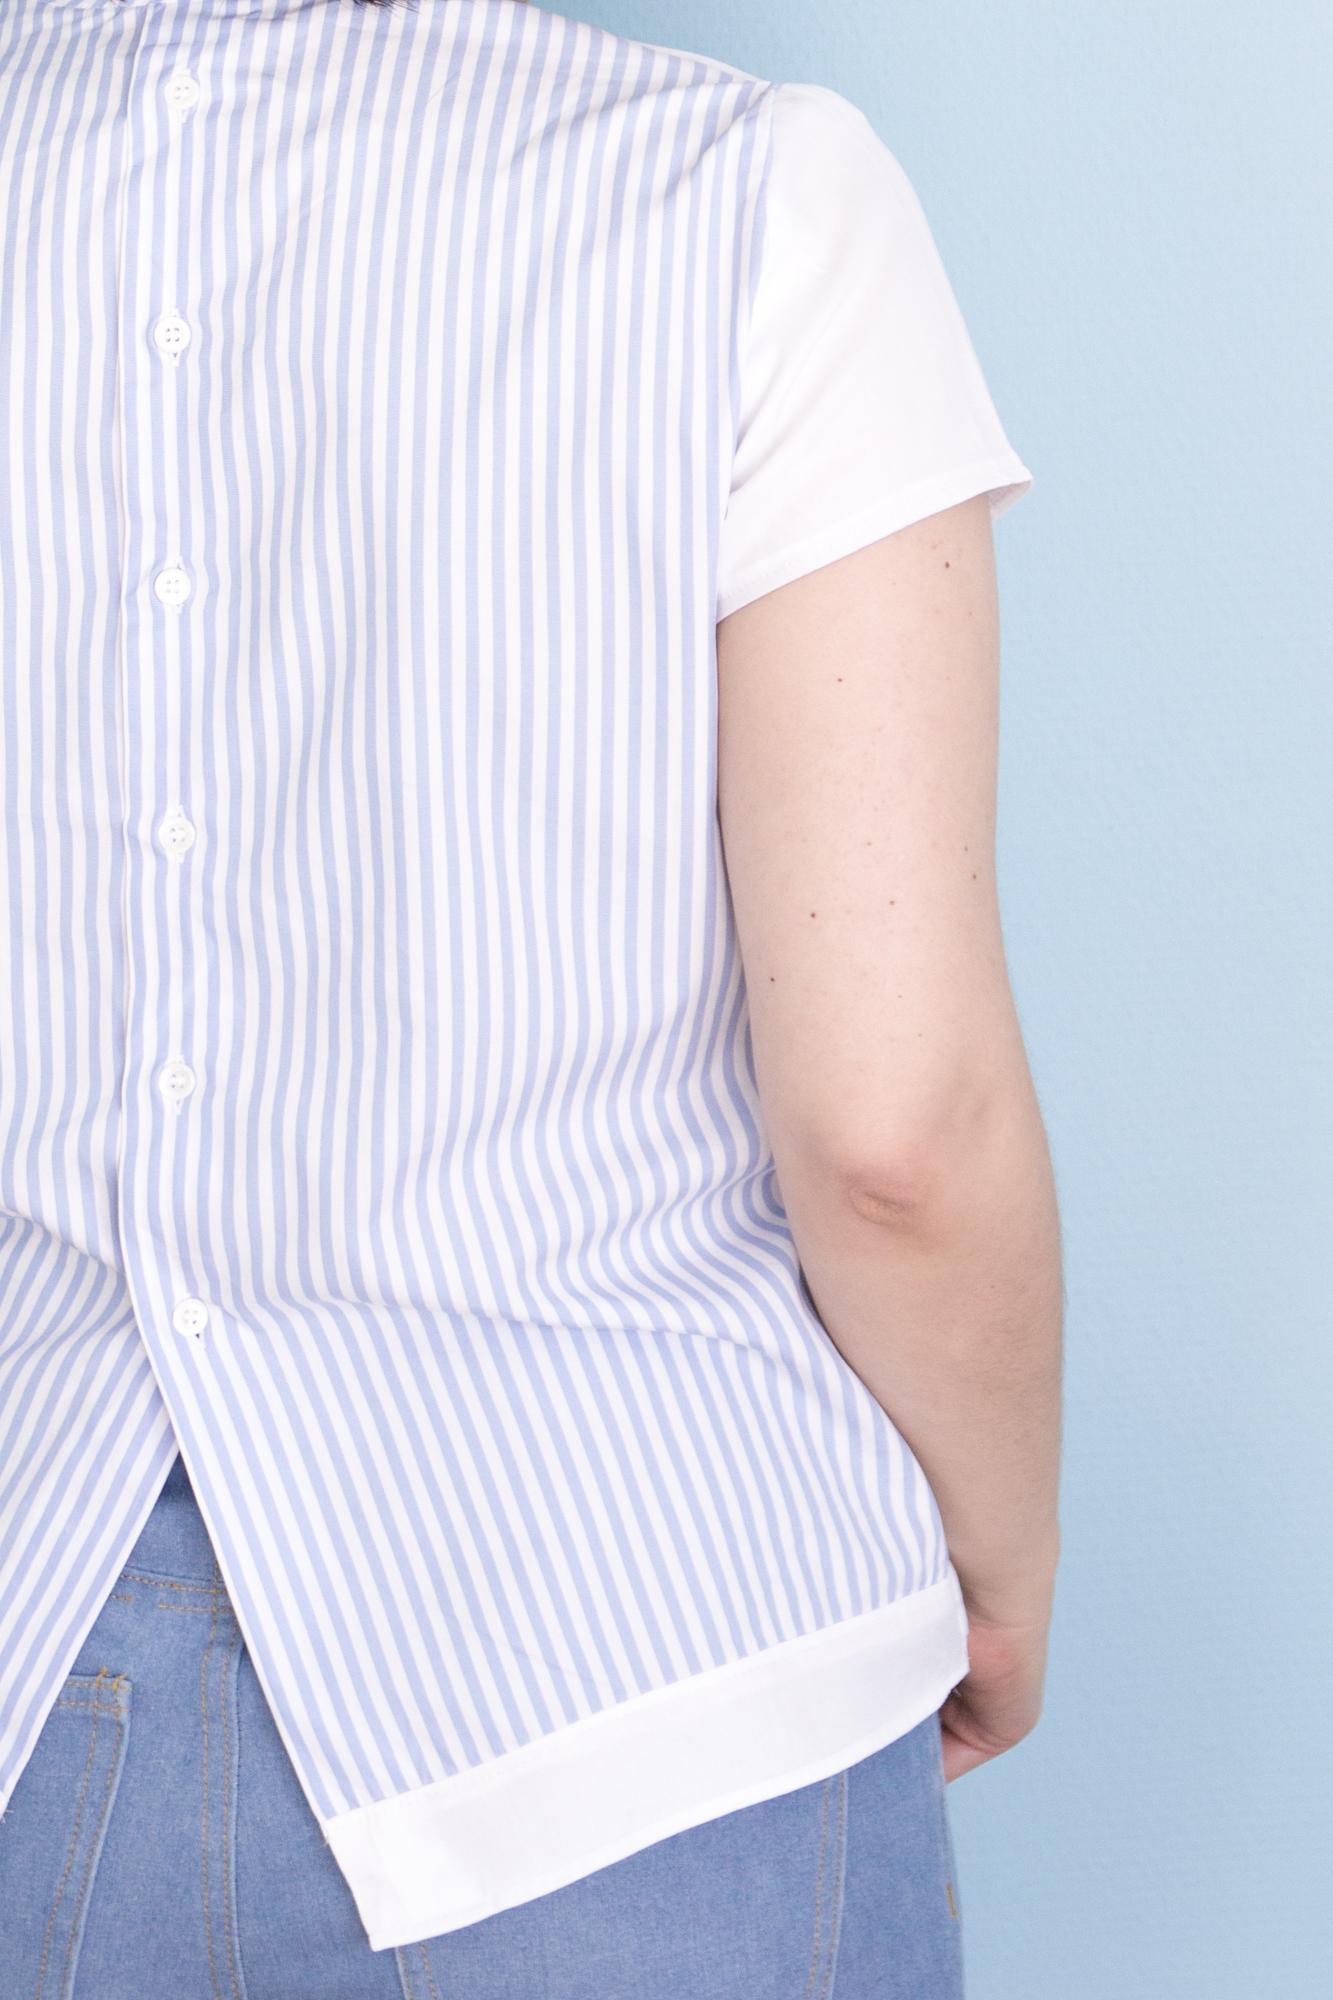 Schnittmuster Hoya Blouse von Deer & Doe aus Herrenhemd Refashion - Tweed & Greet